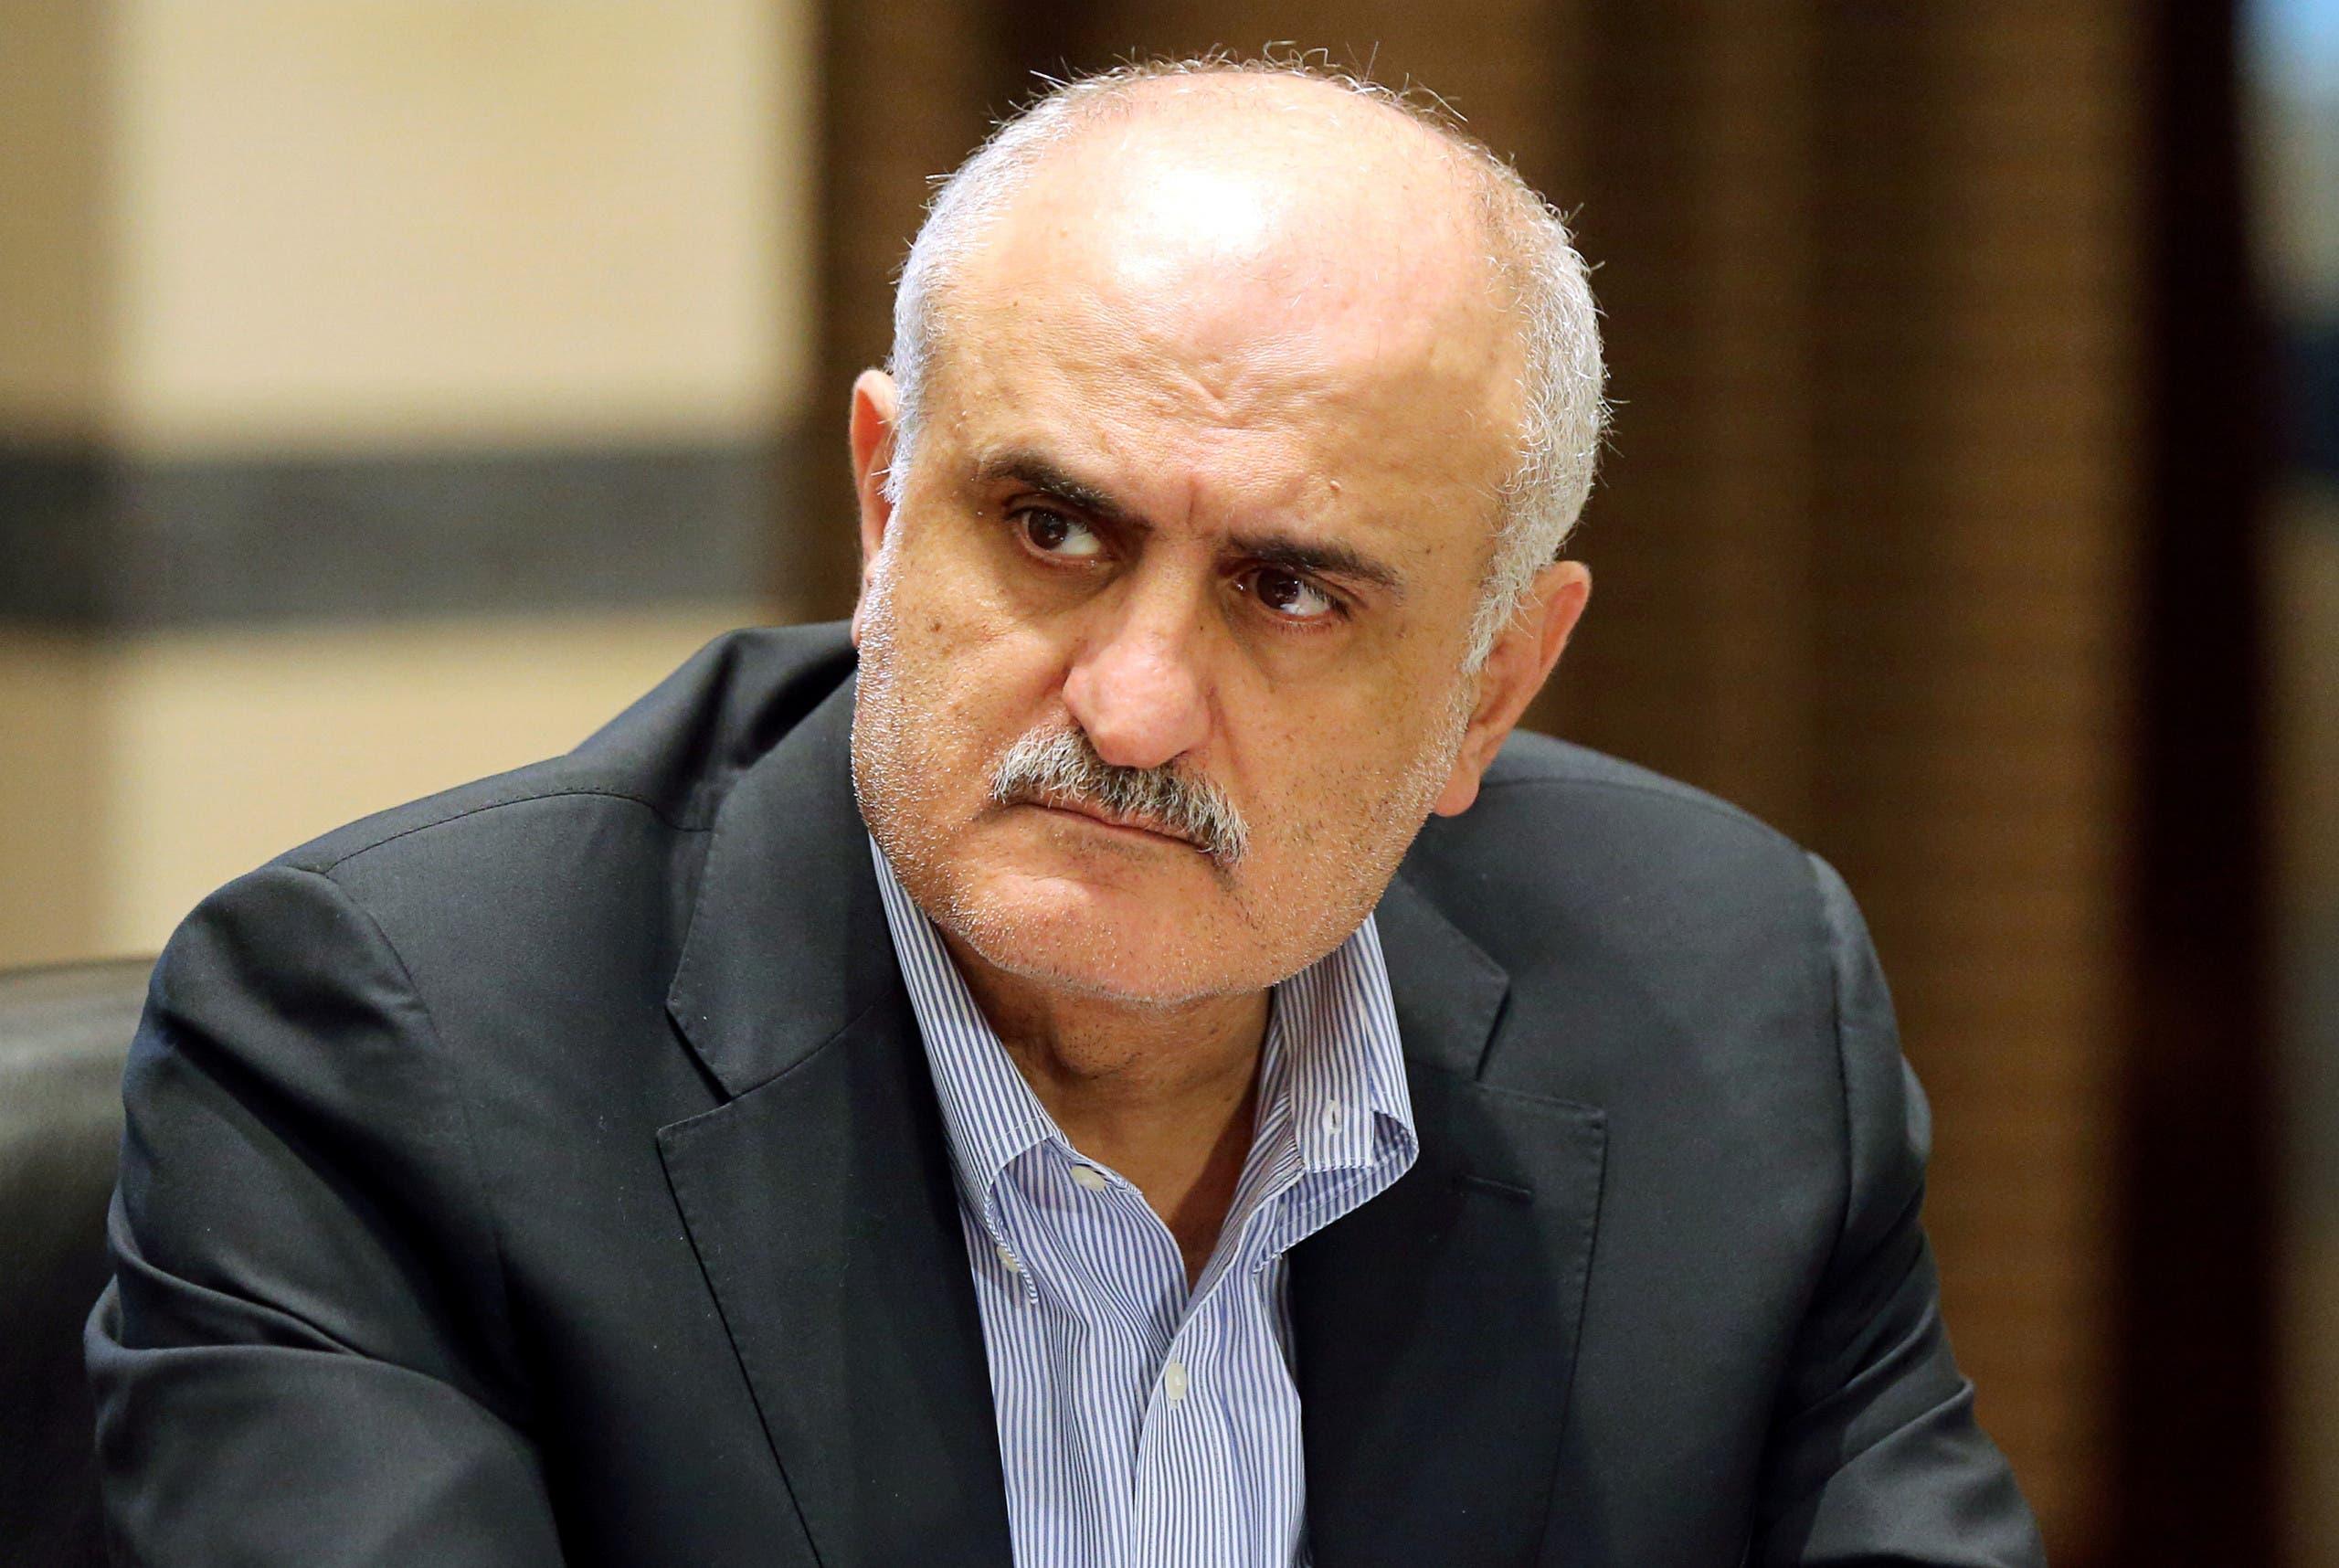 وزير المالية السابق علي حسن خليلي الذي ينتمي لحركة أمل وتولى وزارة المالية لسنوات